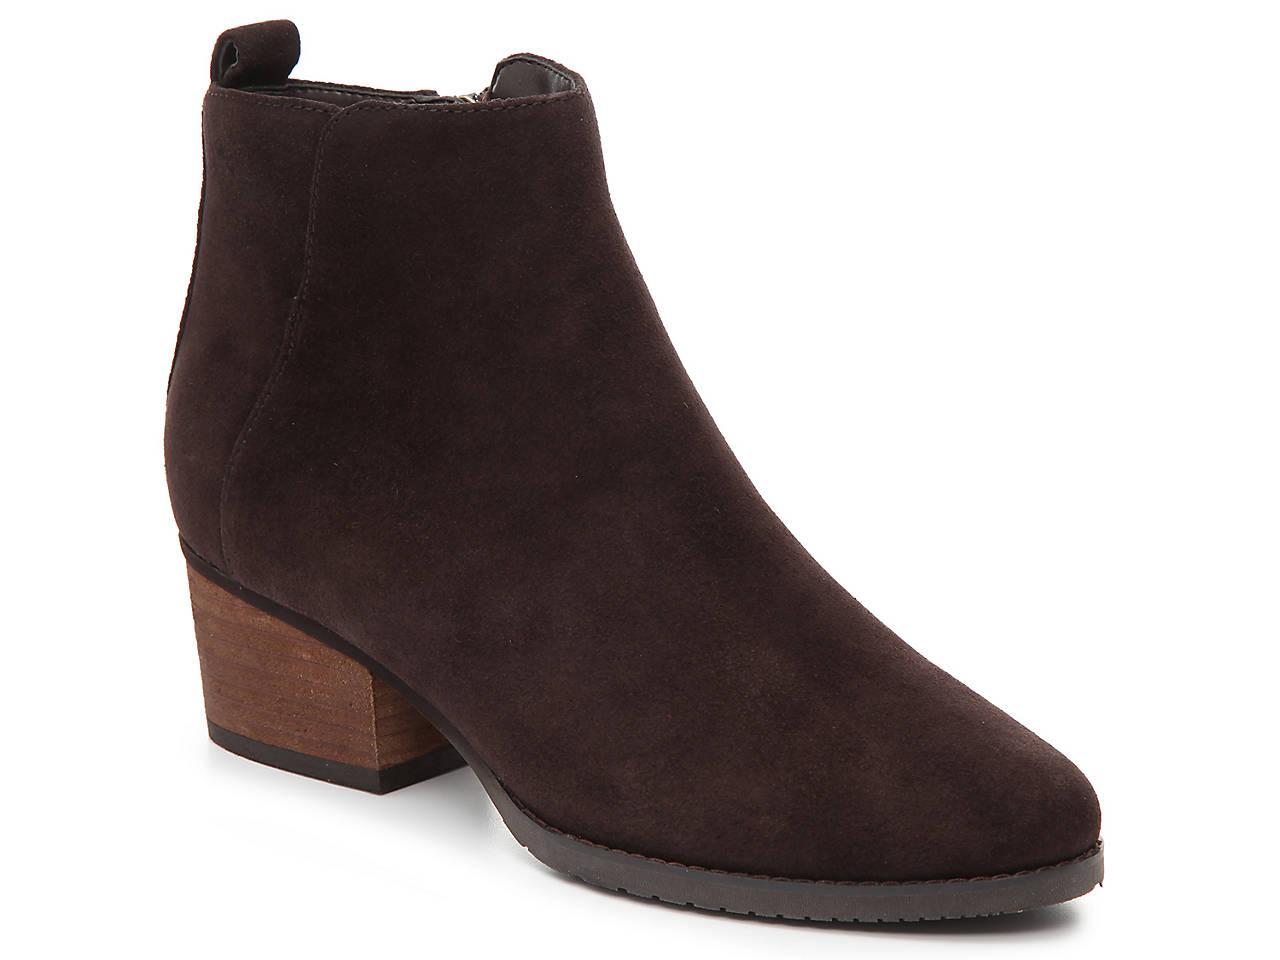 5ec877c8c Blondo Iris Waterproof Bootie Women's Shoes | DSW